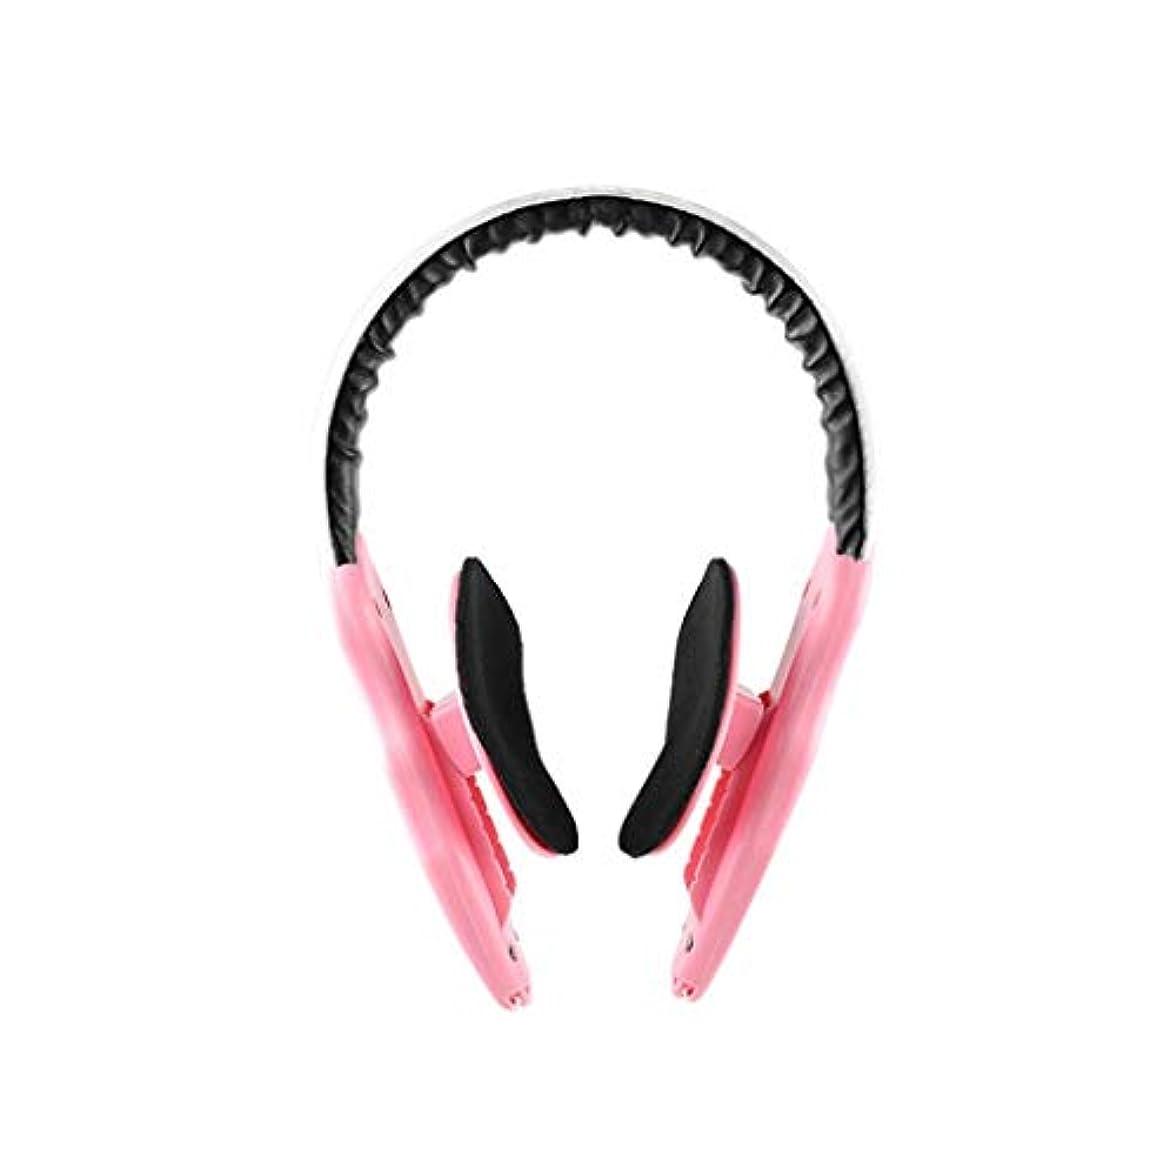 賢明な霧ぬれたLJK フェイスリフトマスク、フェイスブレース、非対称フェイスマッセターマッスル、フェイシャルラインの強化、フェイシャルファットの改善、男性に最適 (Color : Pink)